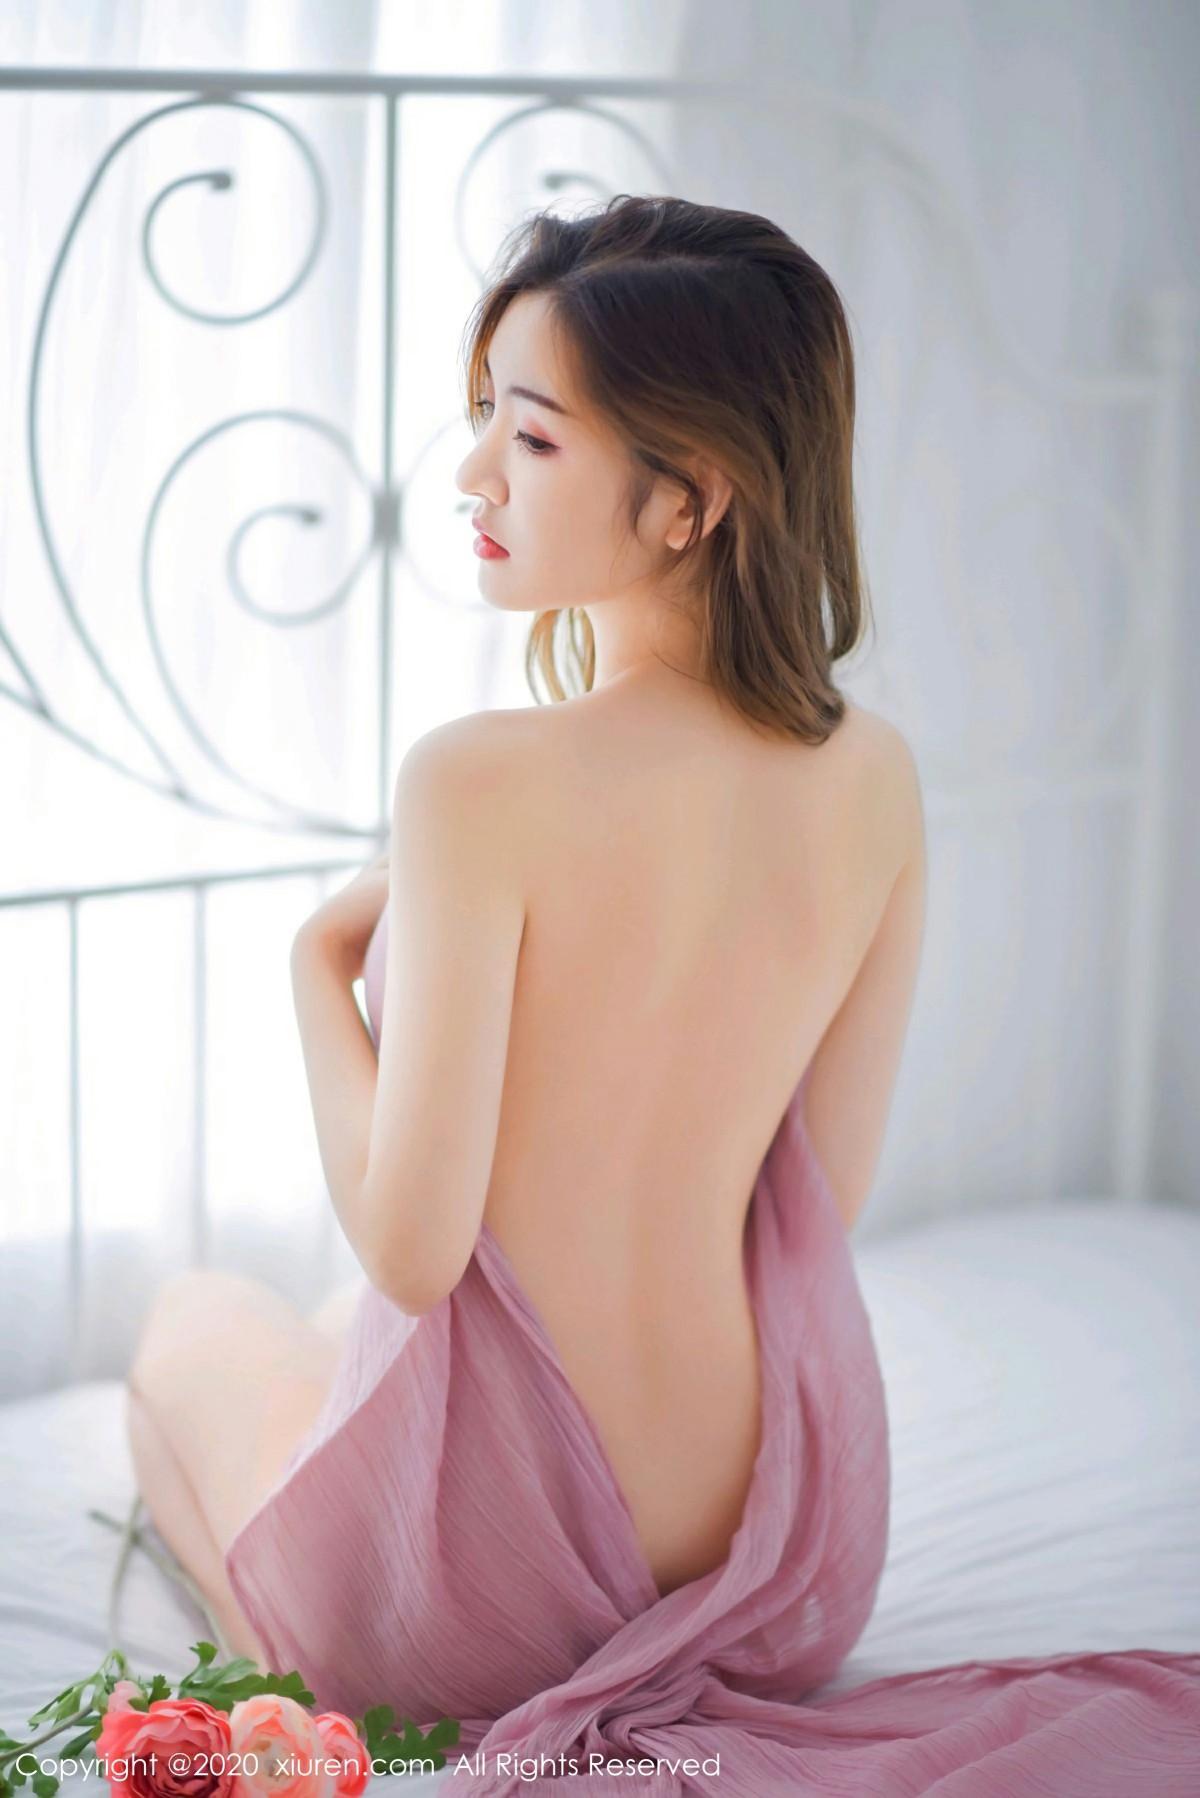 [XiuRen秀人网] 2020.09.08 No.2537 沈梦瑶 茶艺表演 第3张